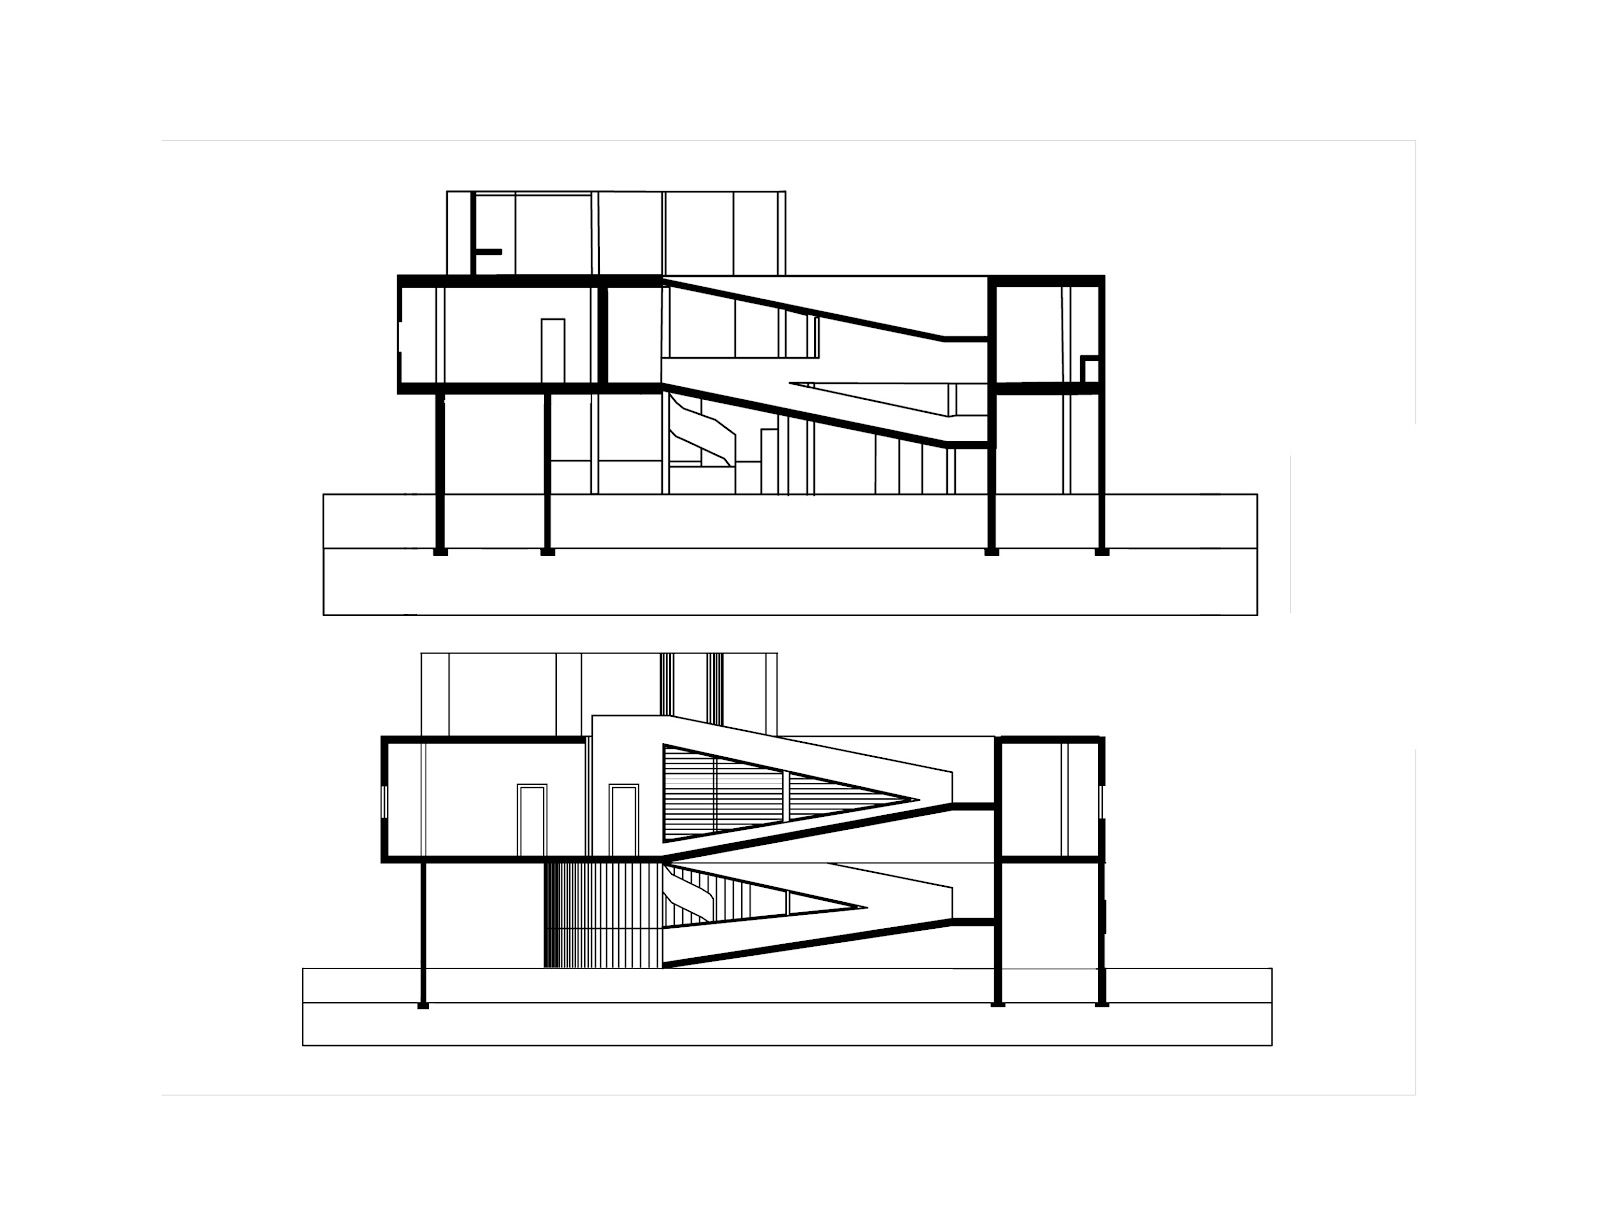 Villa savoye final axonometric plans sections for Villa plan dwg